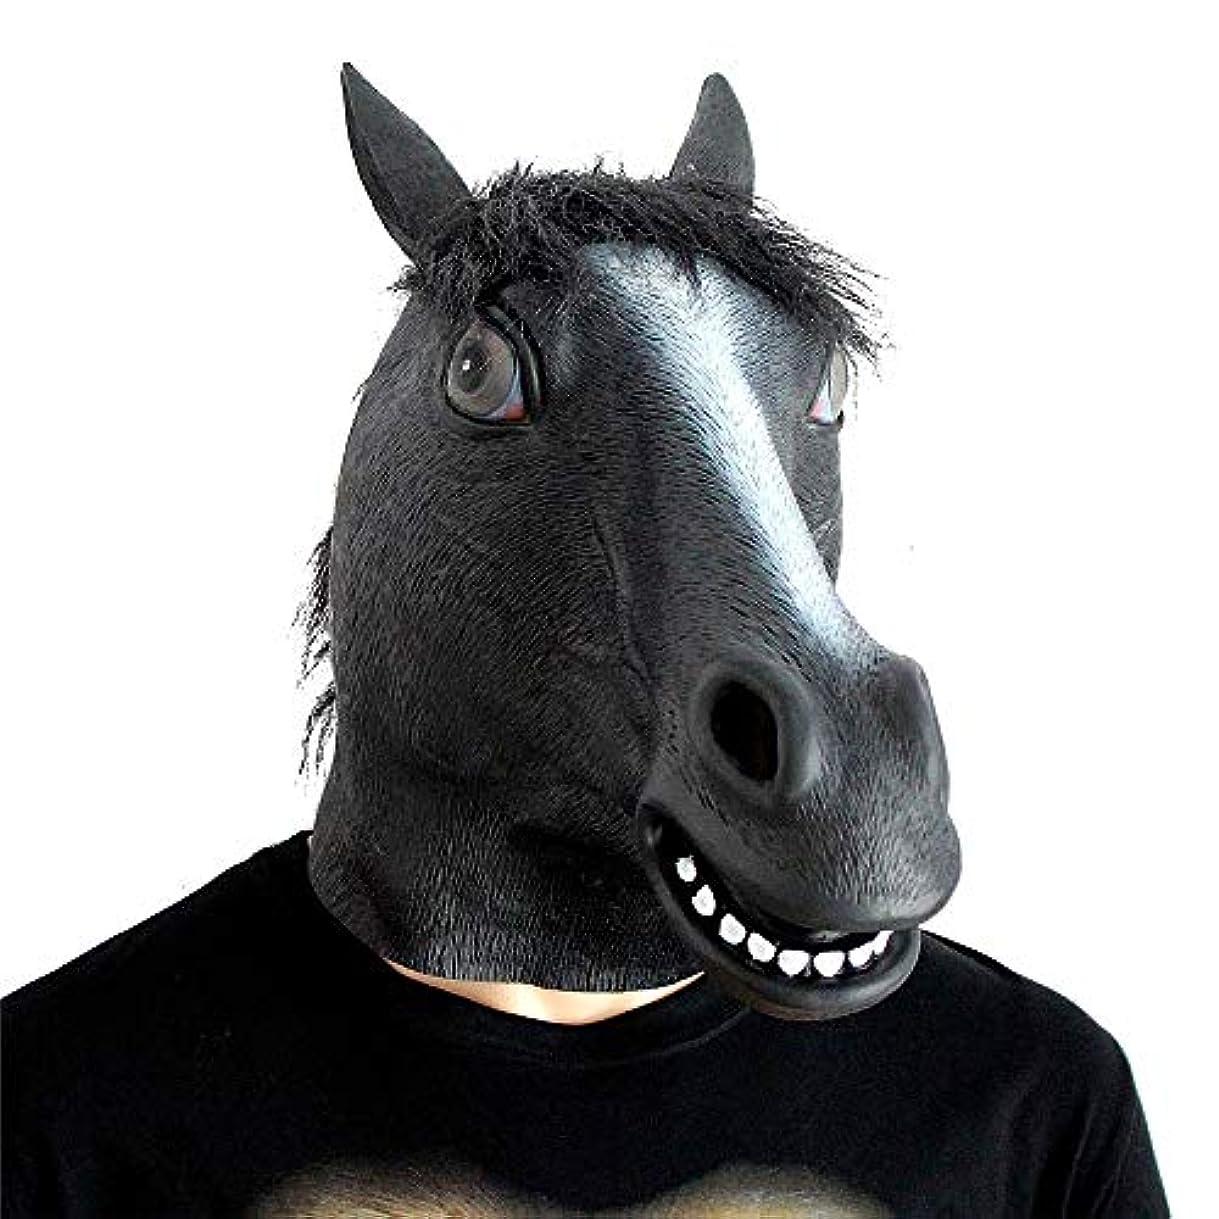 スーツ強調するアソシエイトハロウィーンのスタイリングの小道具ボールパーティーの馬の頭のマスクラテックスゲーム面白いパーティー用品 (Color : C)